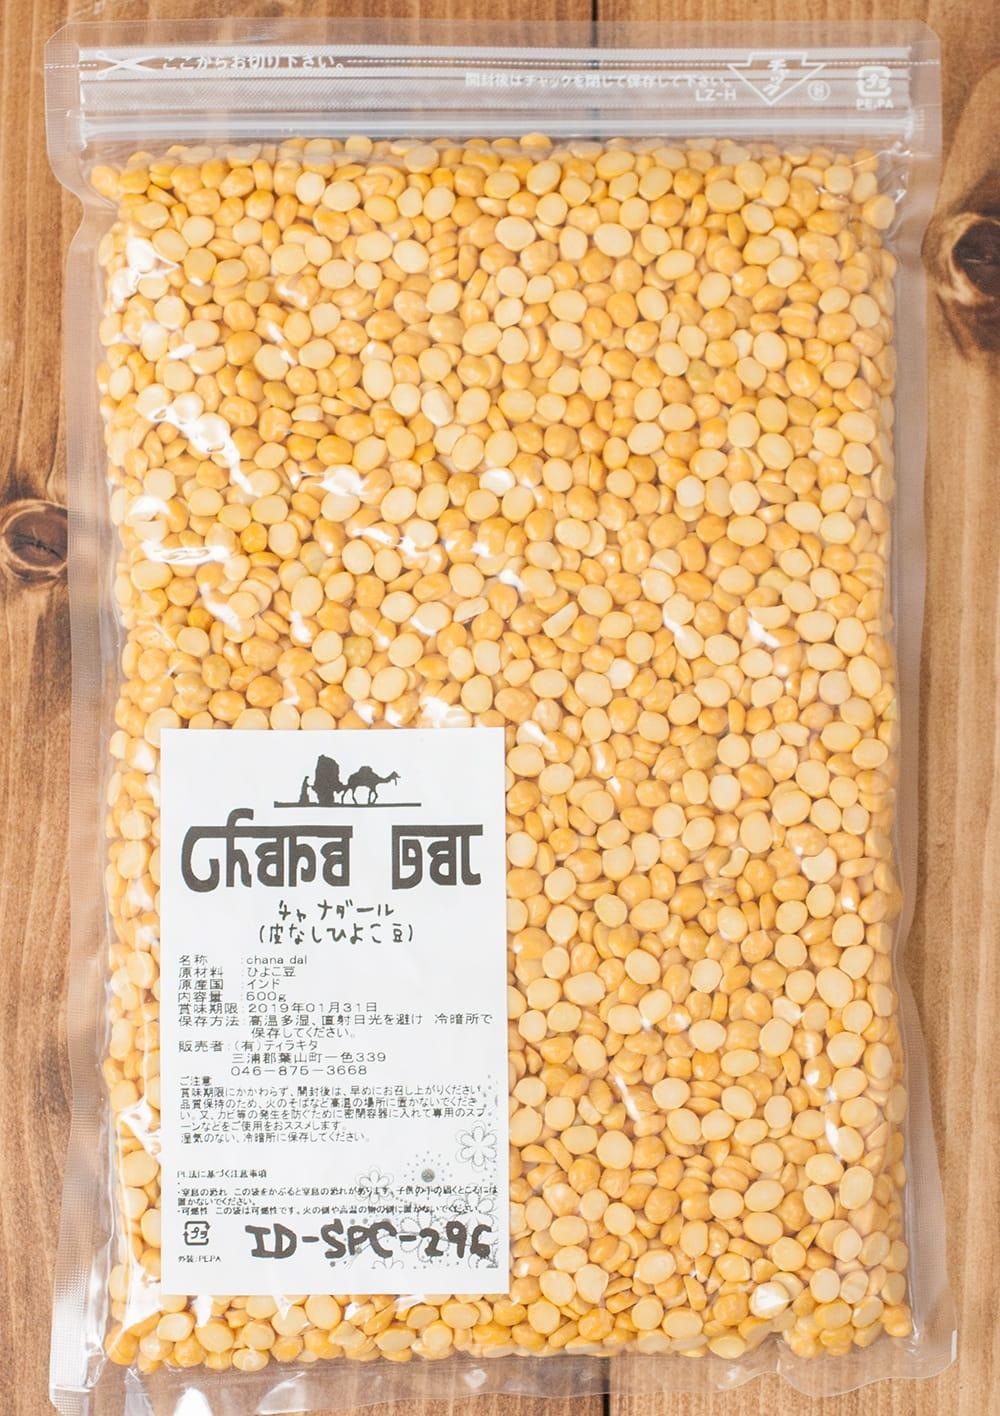 ひよこ豆(皮なし) Chana Dal 【500gパック】 3 - パッケージは、ジッパー付きで保存に便利。